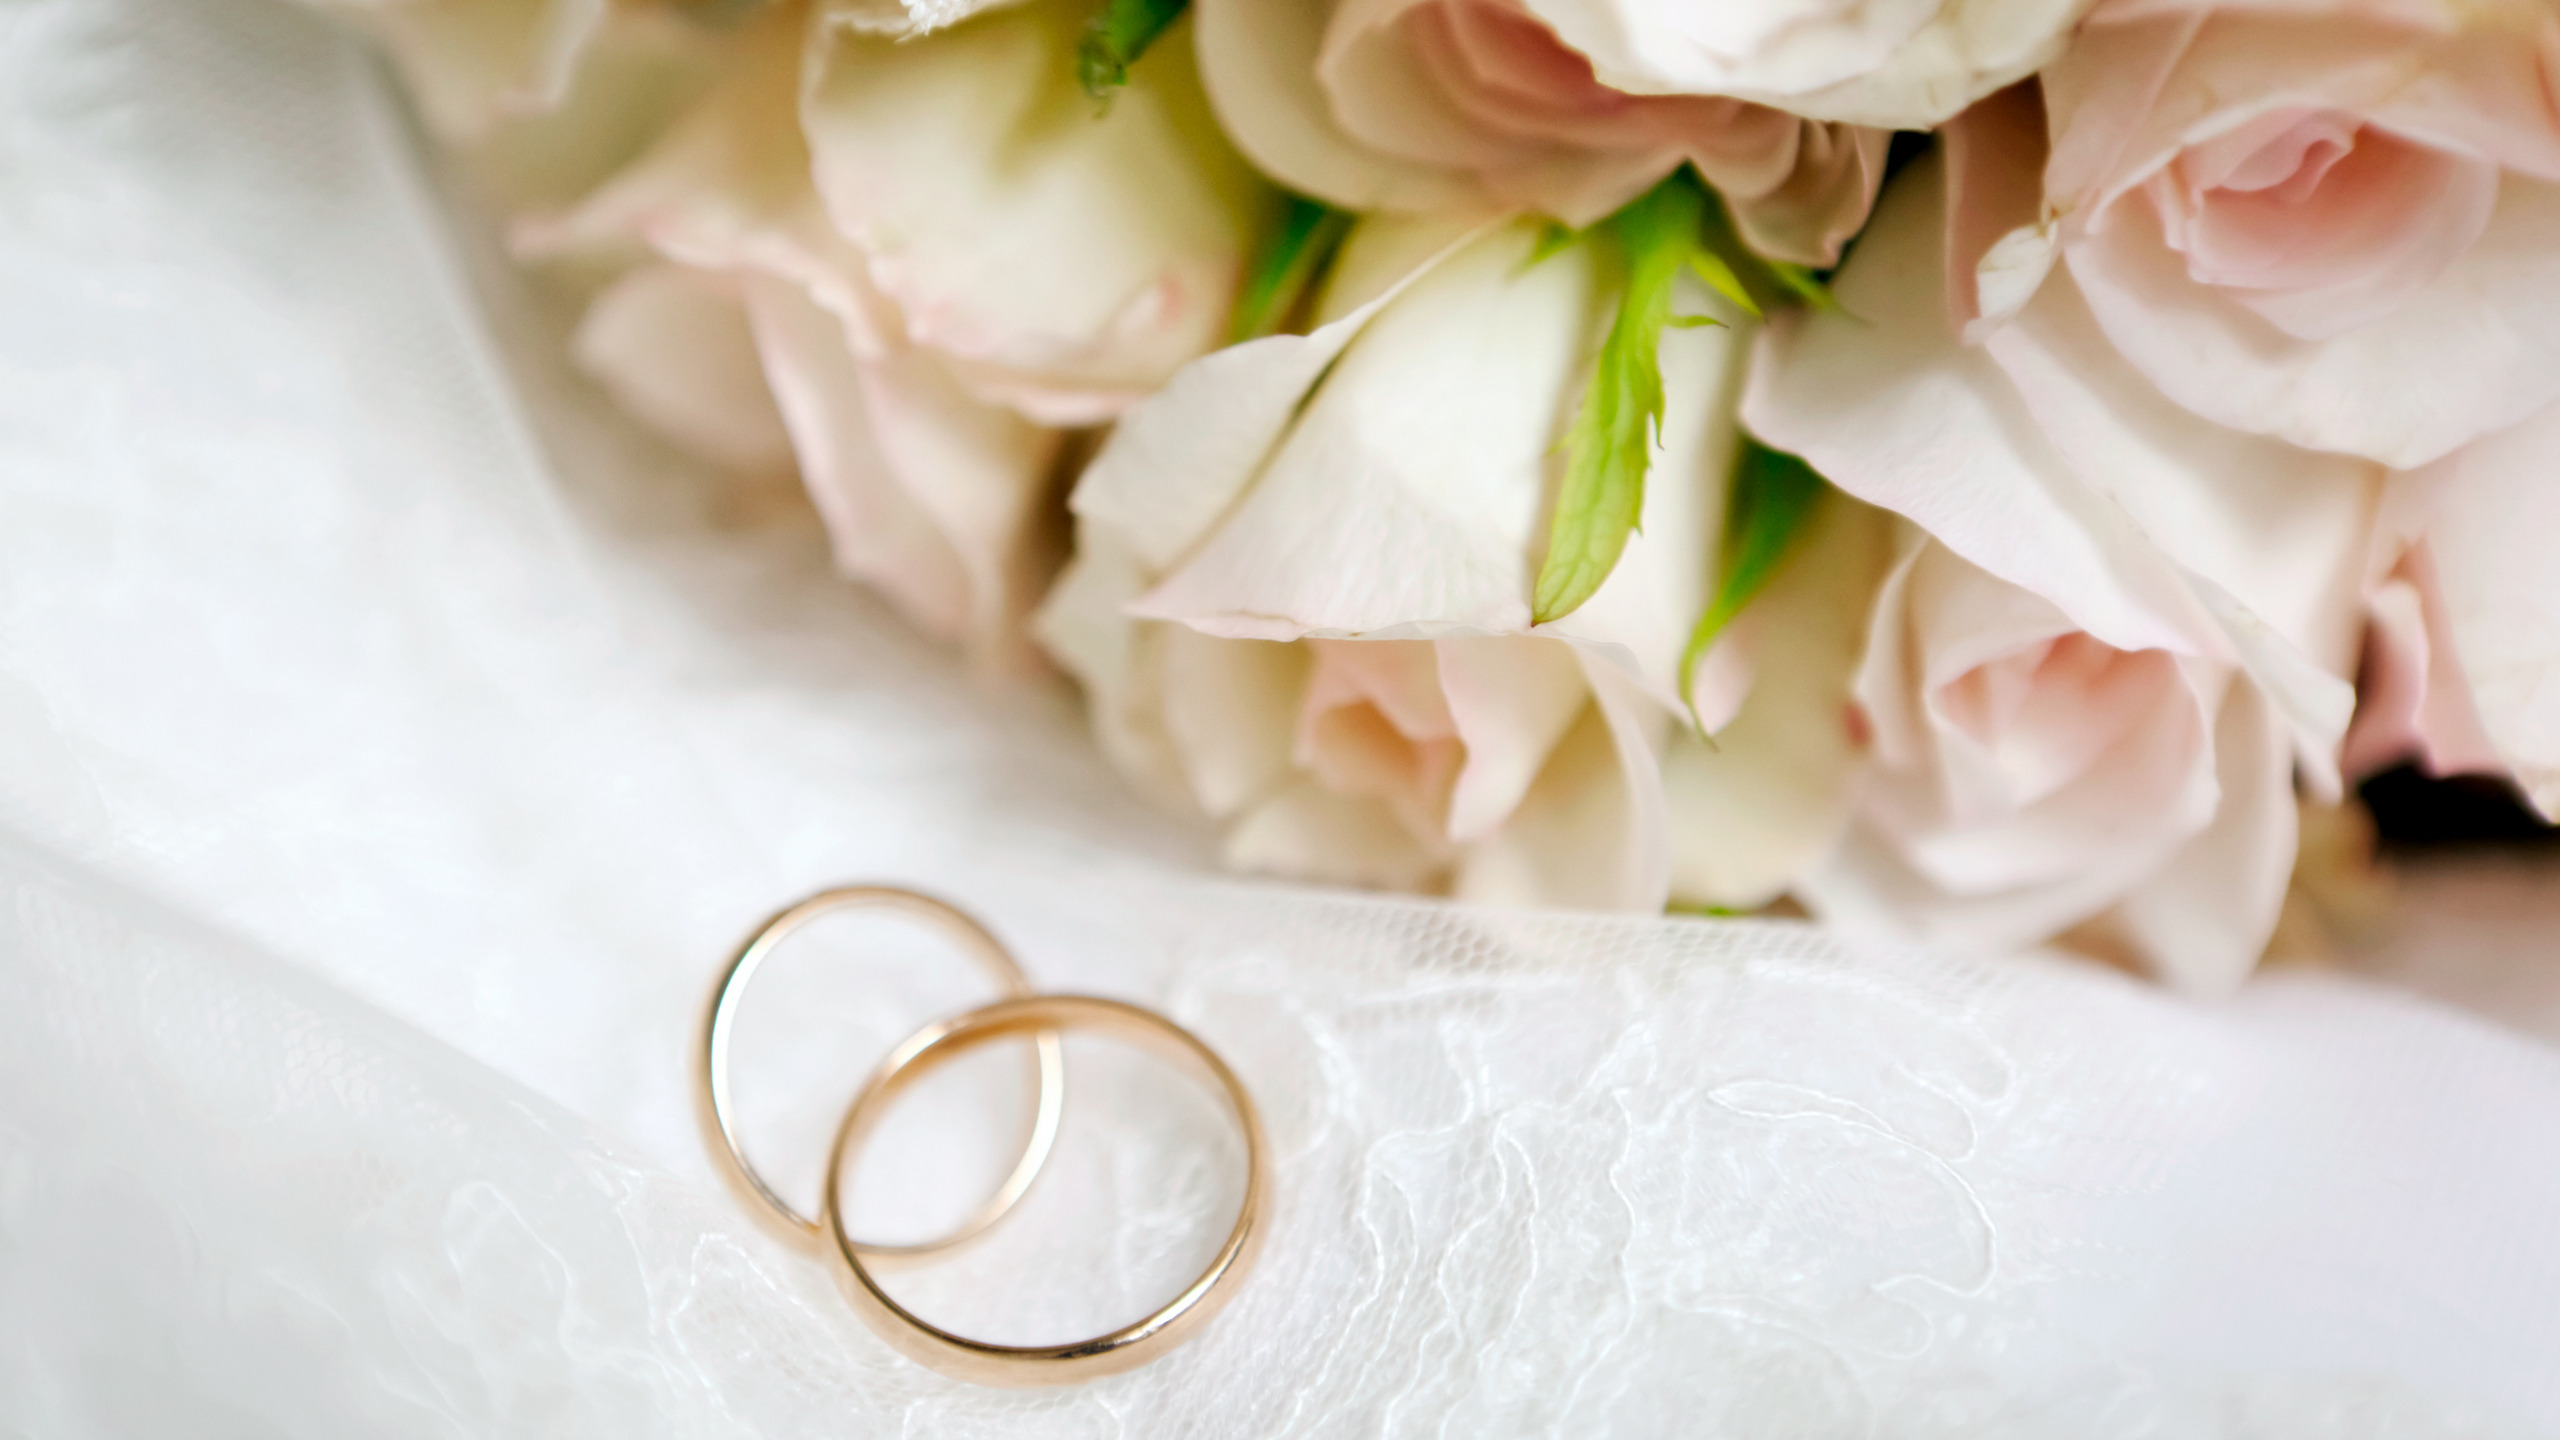 Вербное воскресенье, картинка с обручальными кольцами и цветами